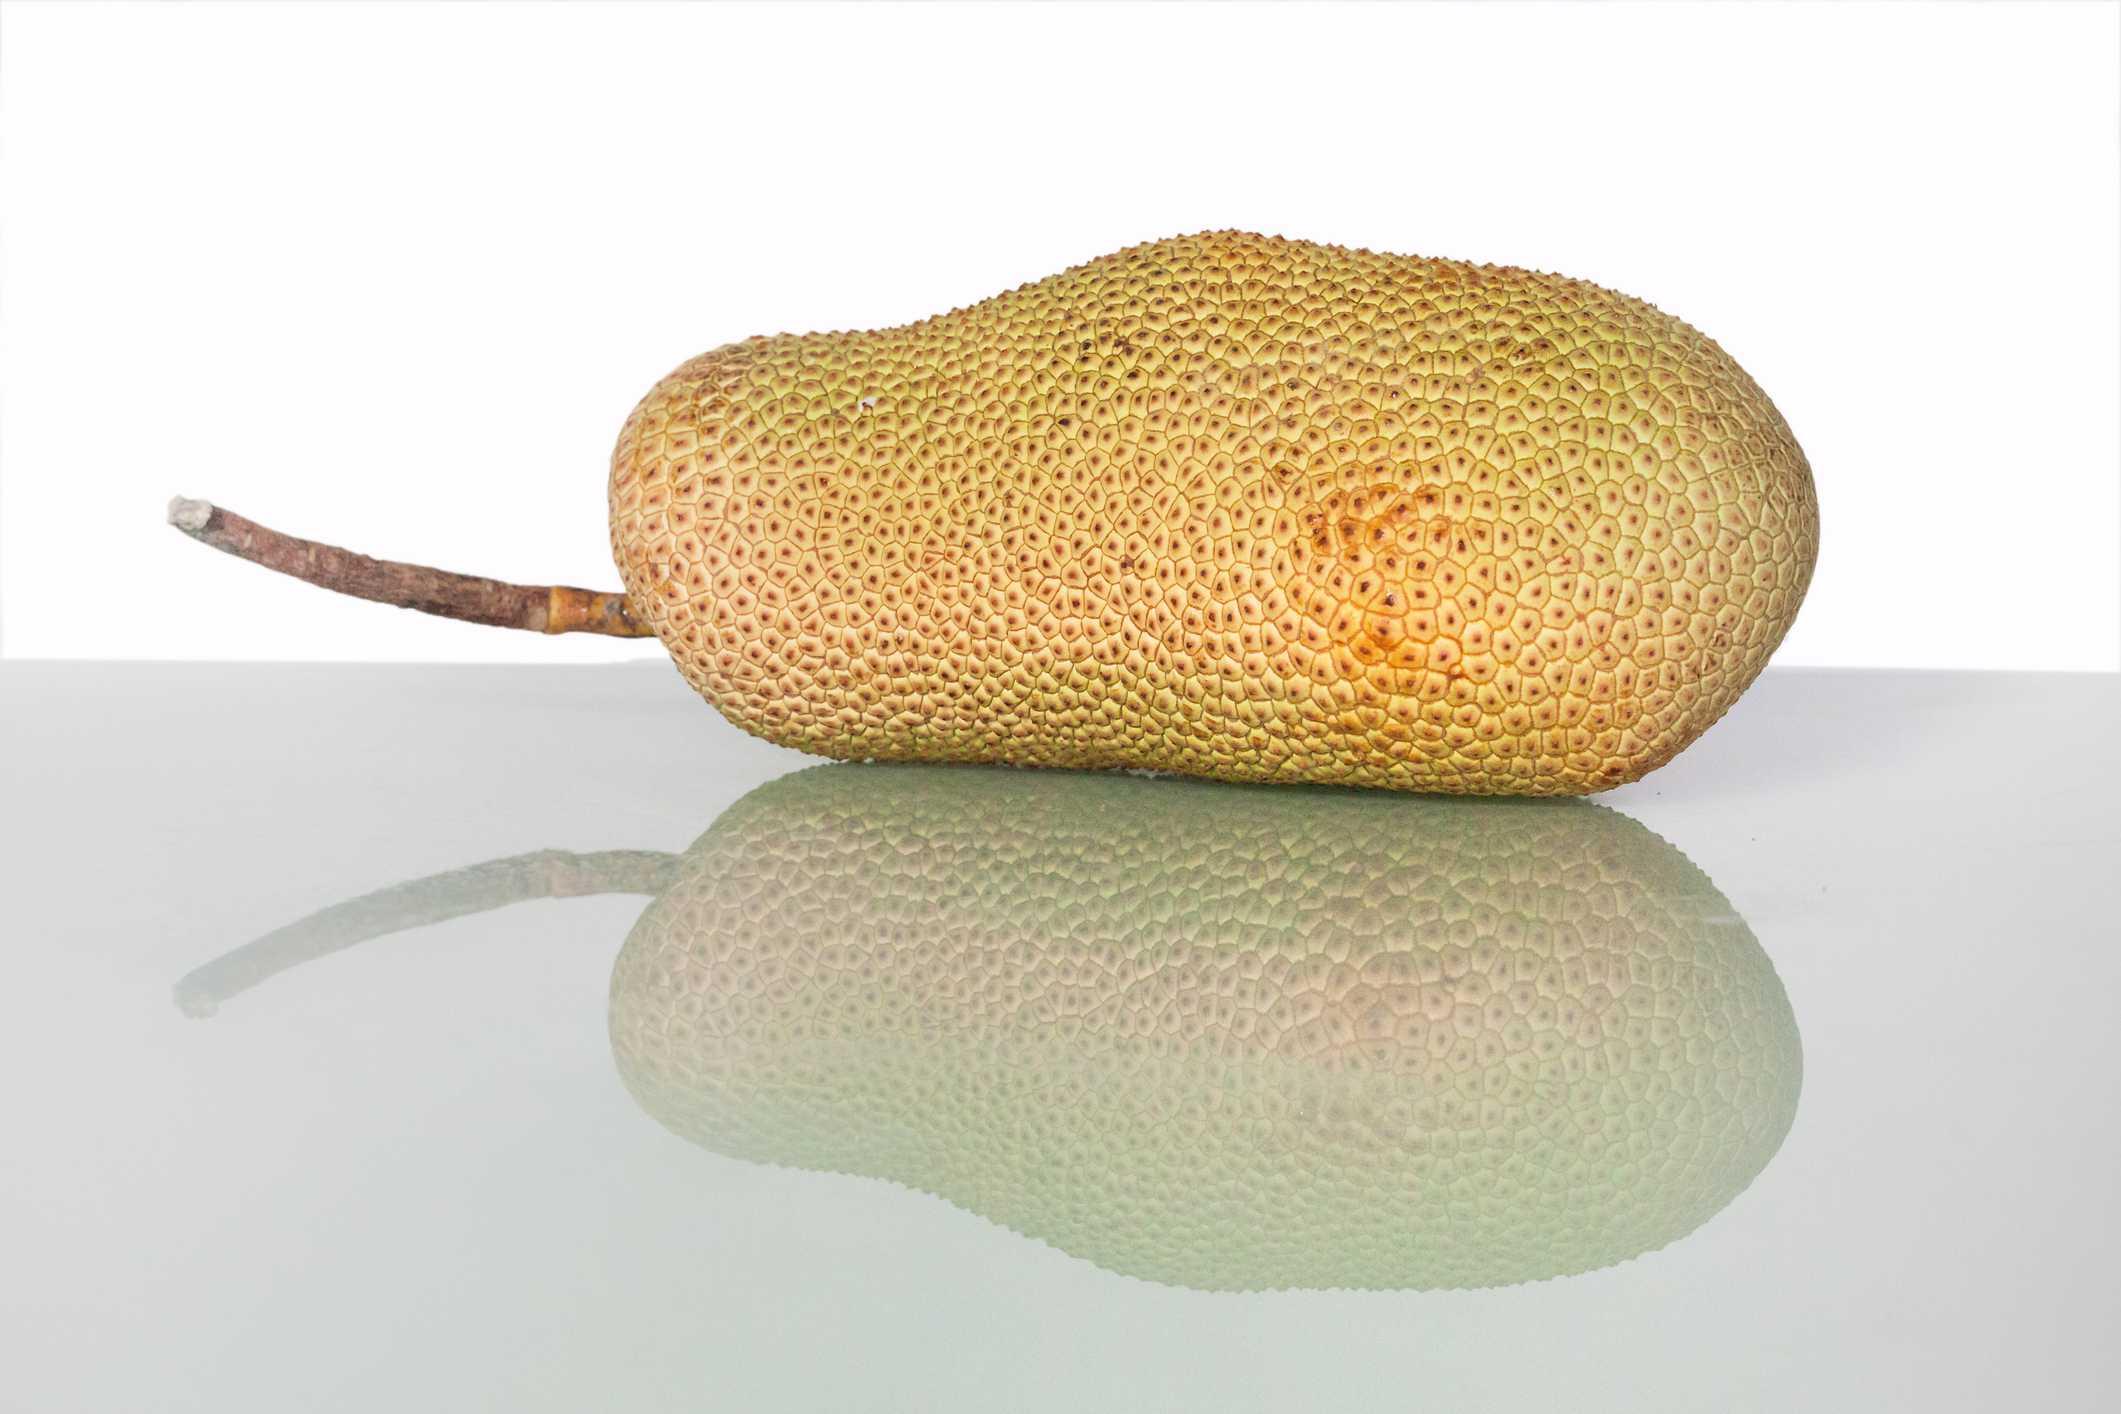 jackfruit against white background